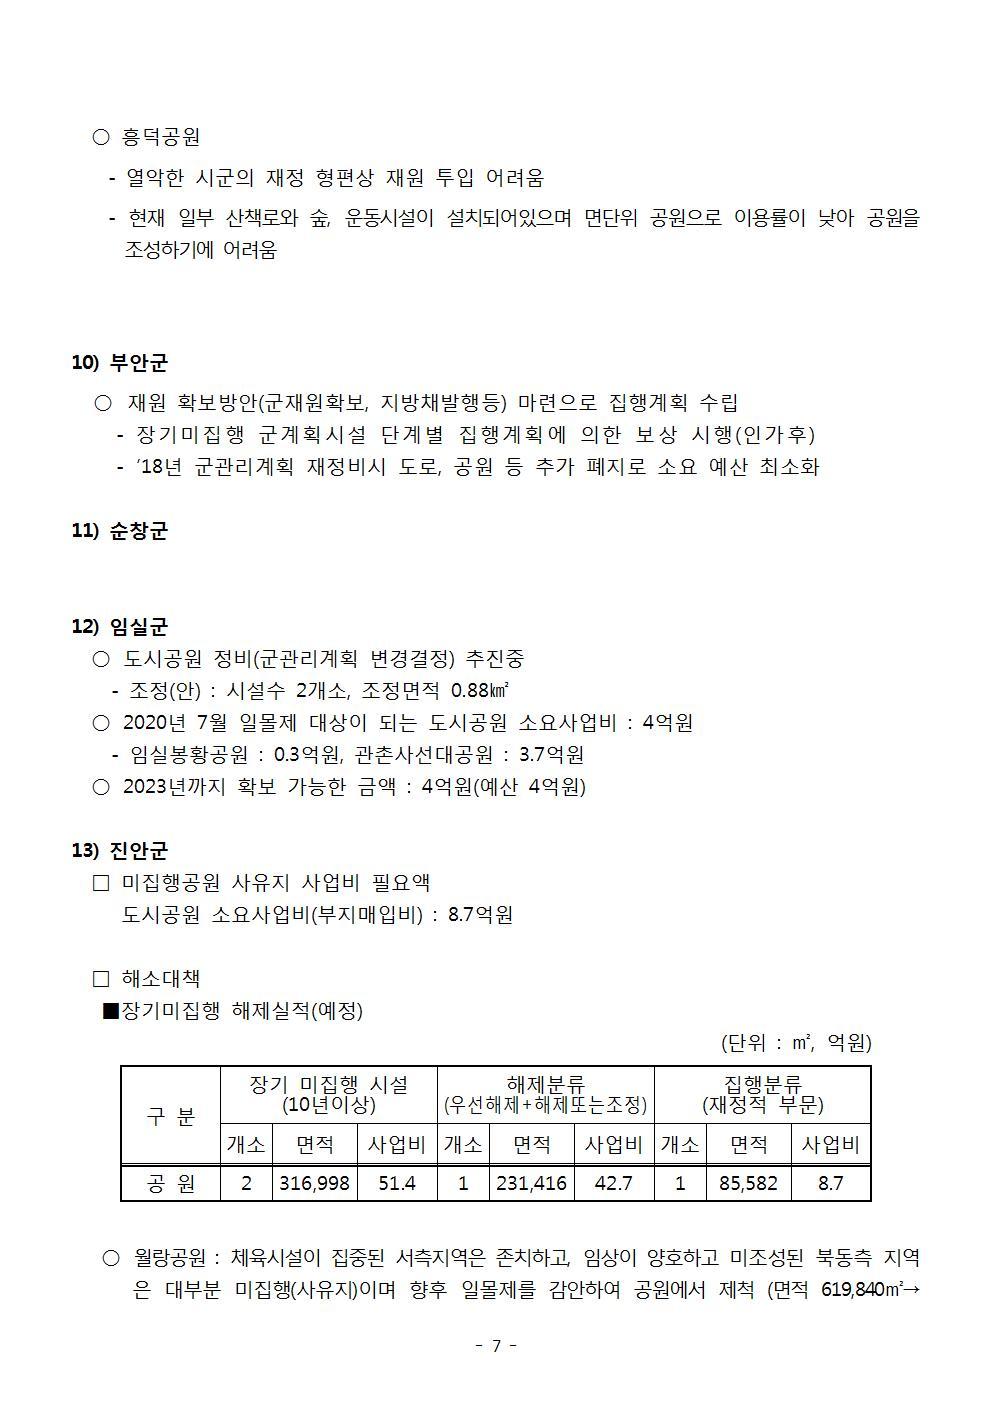 20180210-전북의 도시공원  현황_2차 자료 정리007.jpg